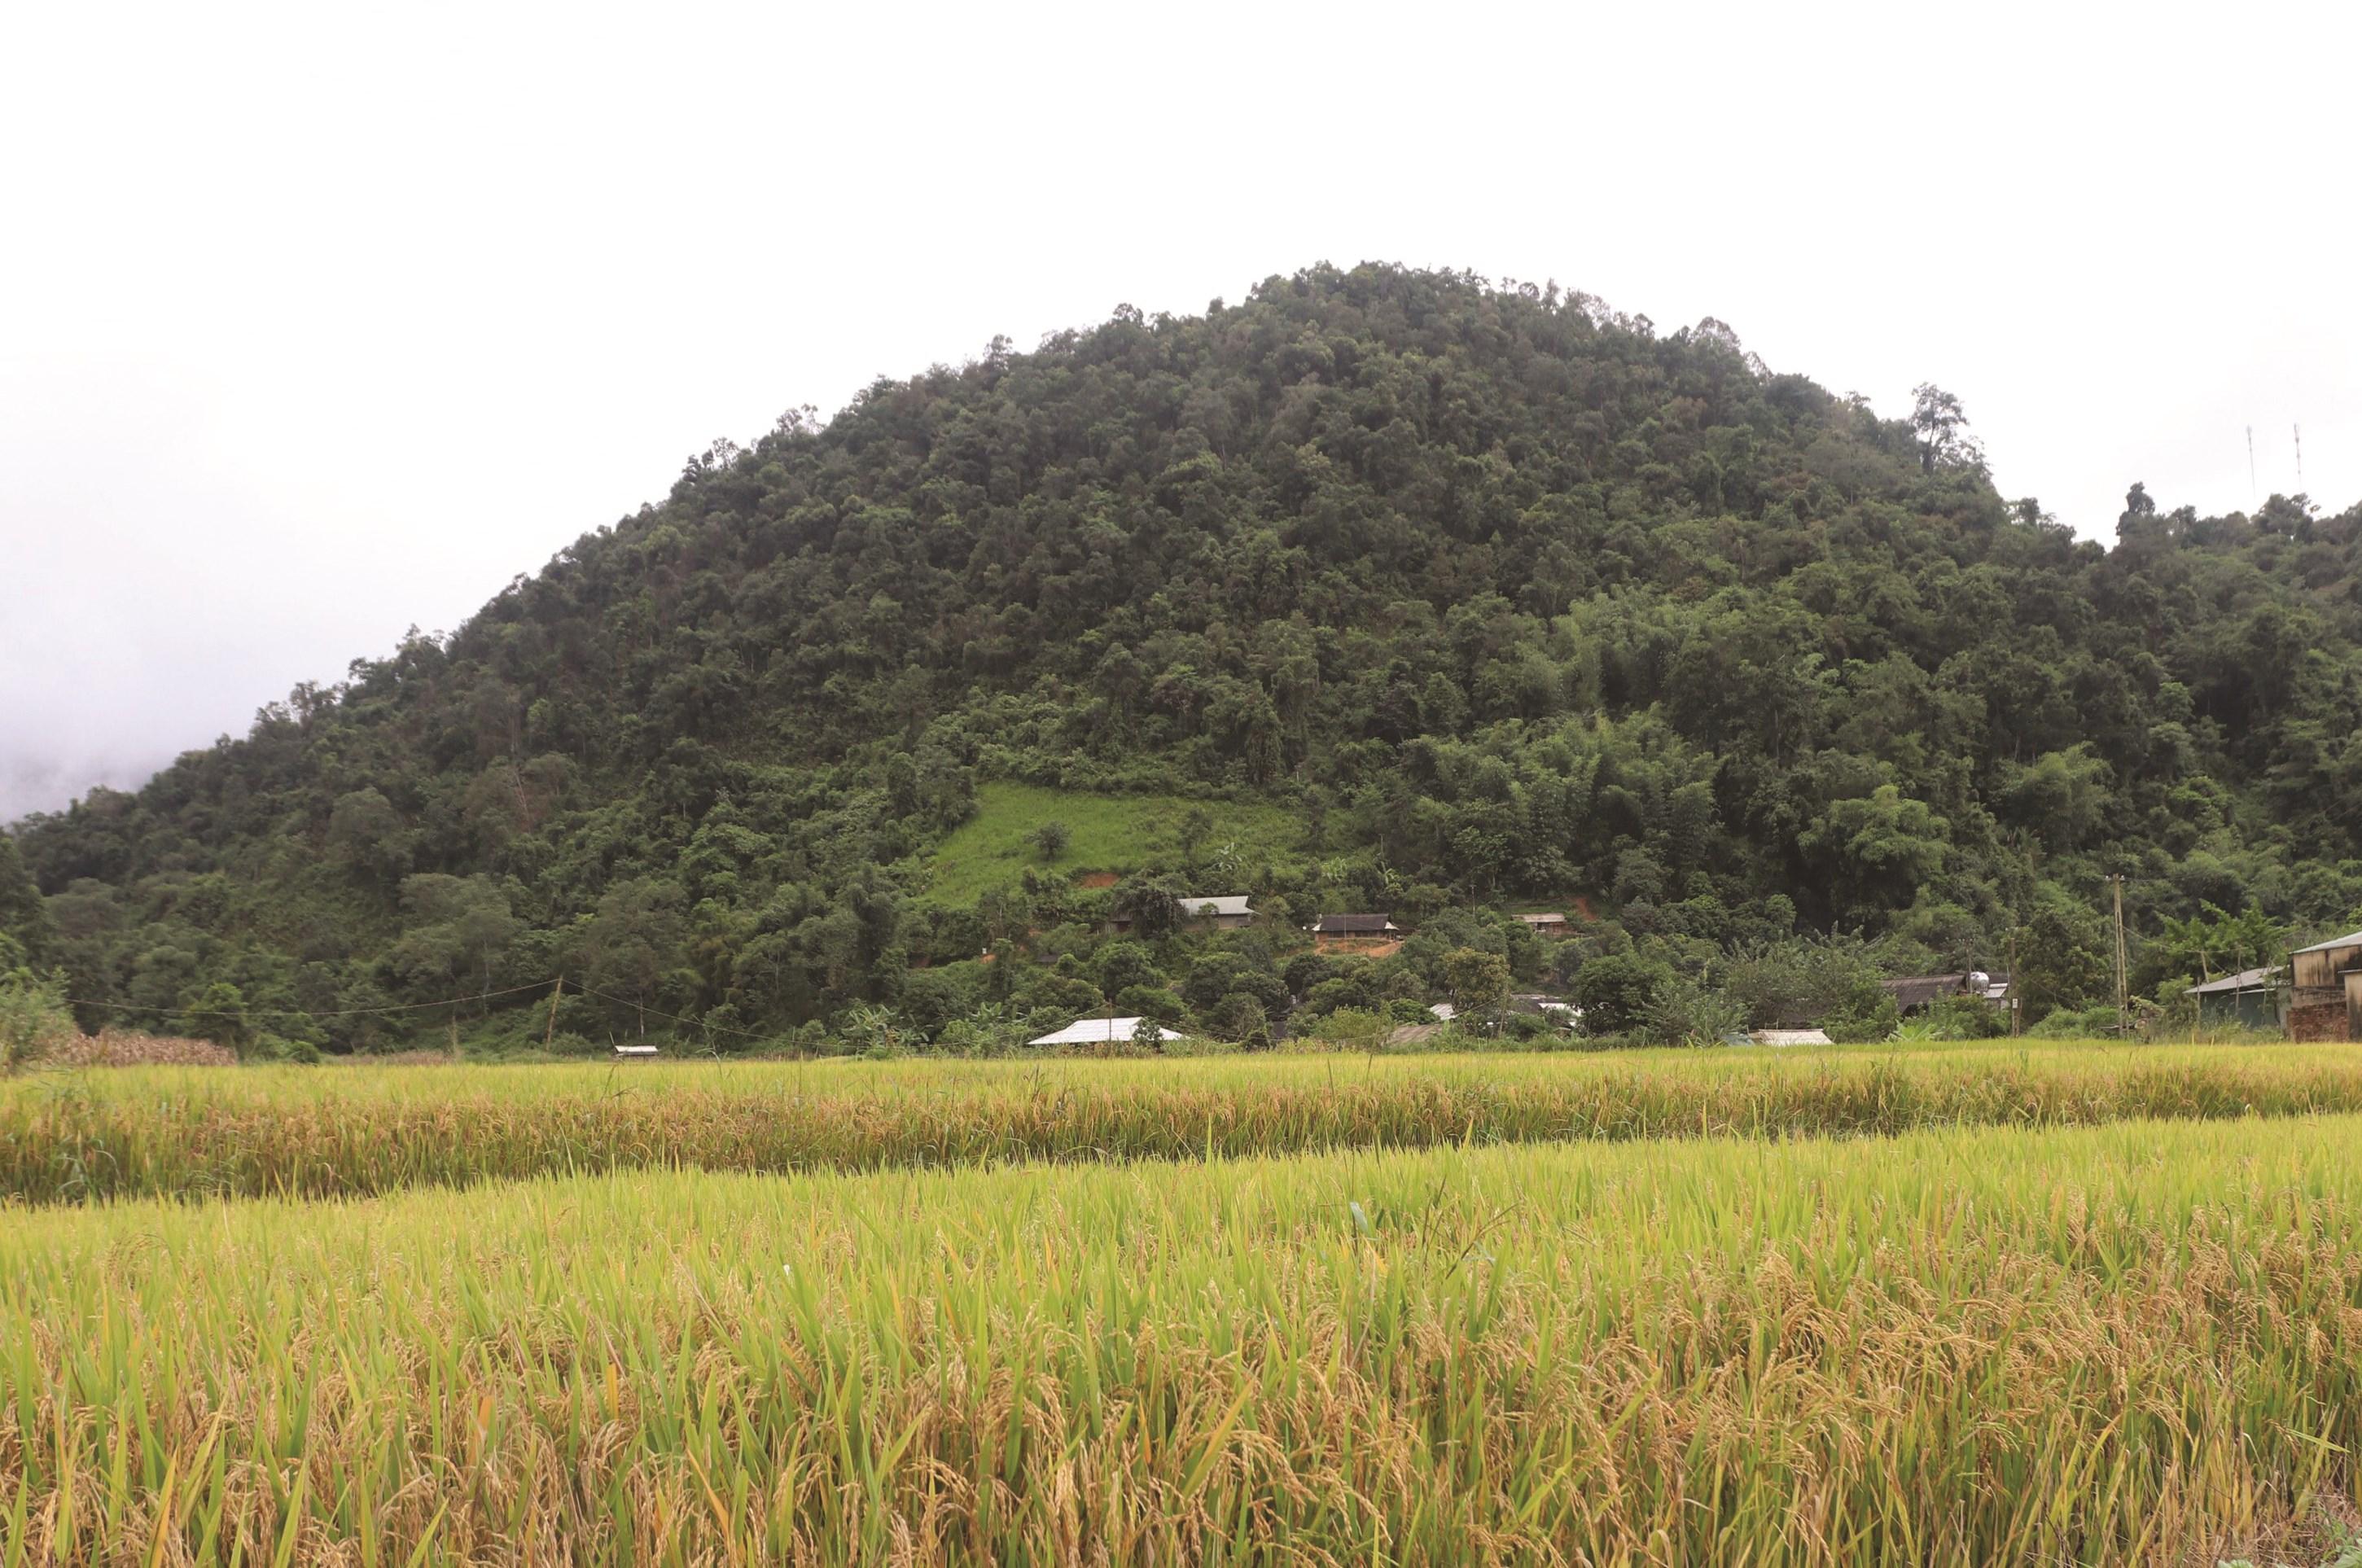 Những đồng lúa trĩu hạt giúp người dân Na Ư có đầy đủ lương thực, ổn định cuộc sống